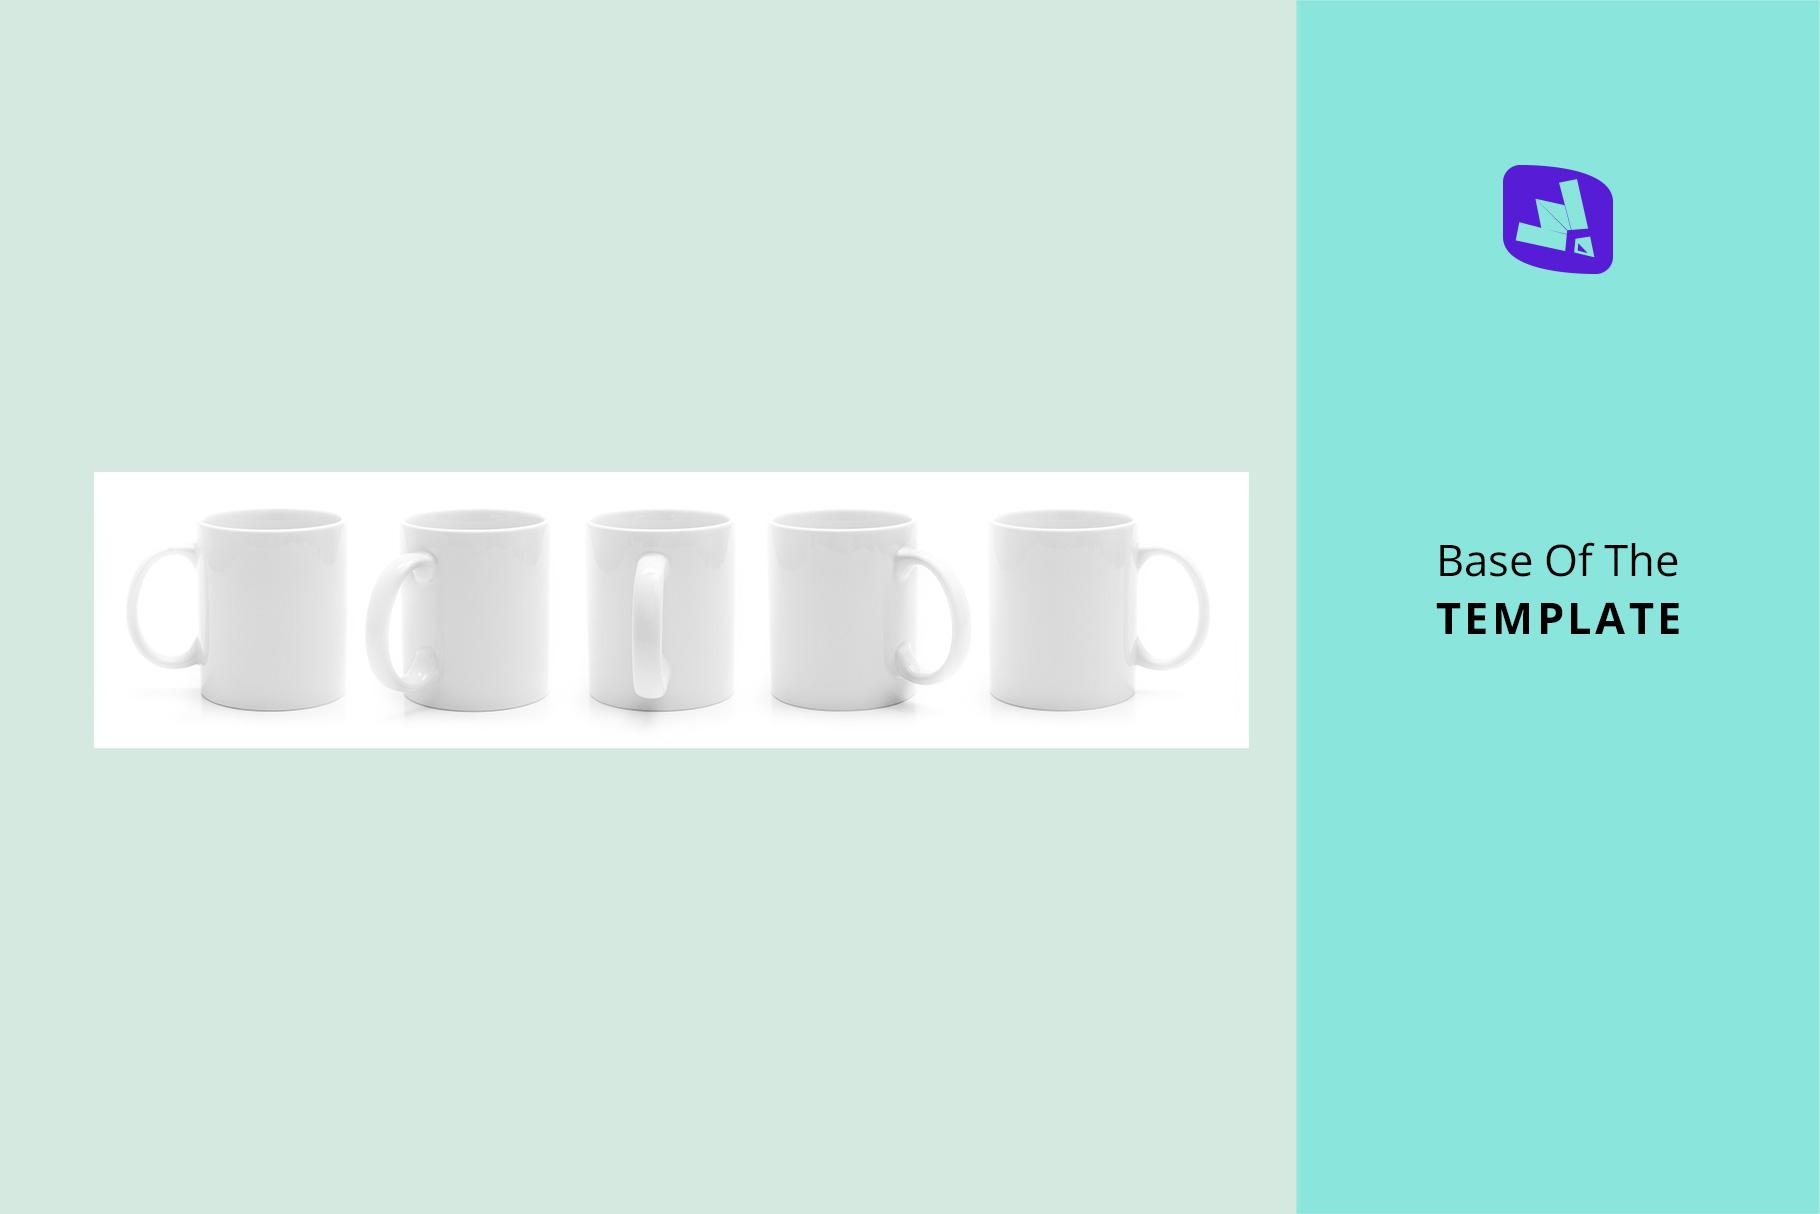 base image of the ceramic coffee mugs mockup set